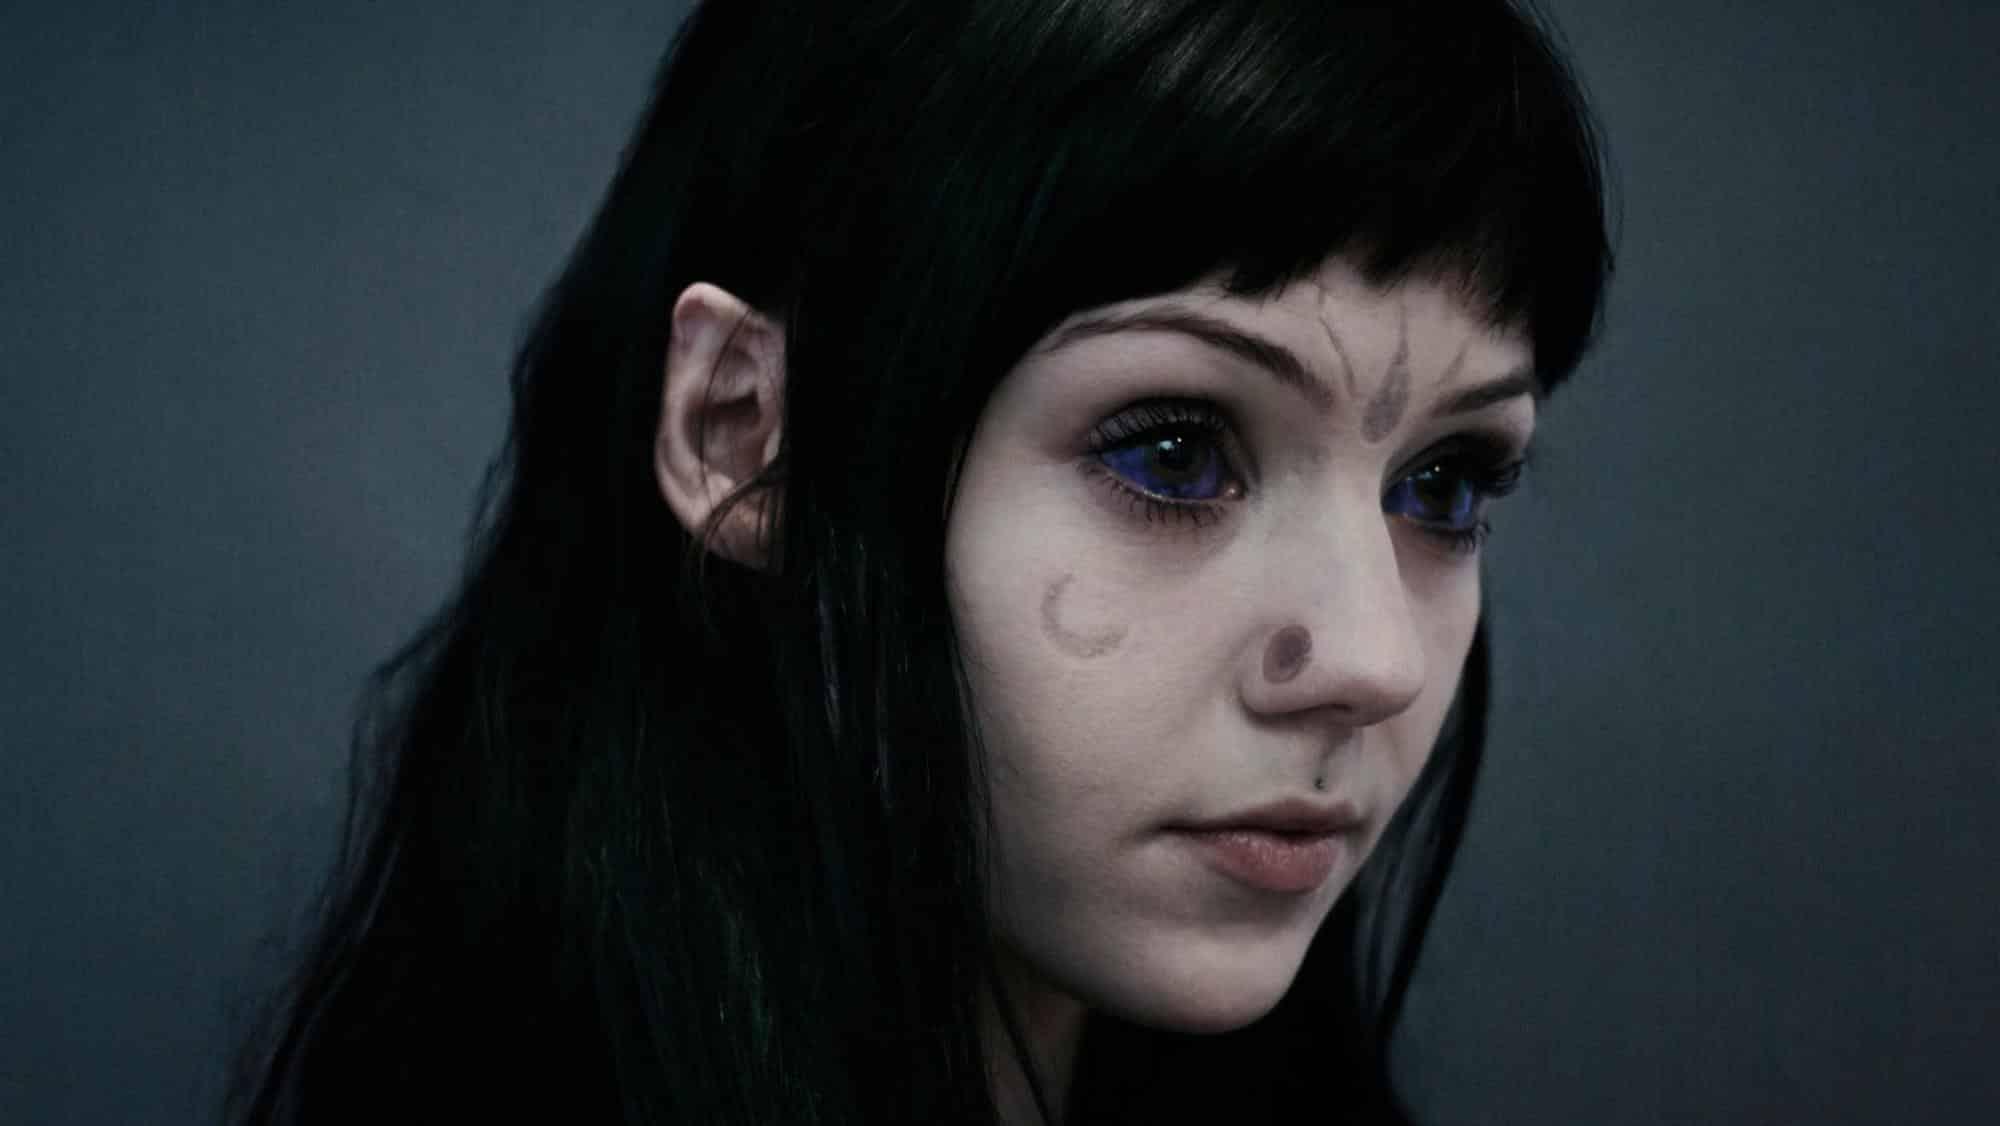 Grace Neutral la chica que se cree una extraterrestre 11